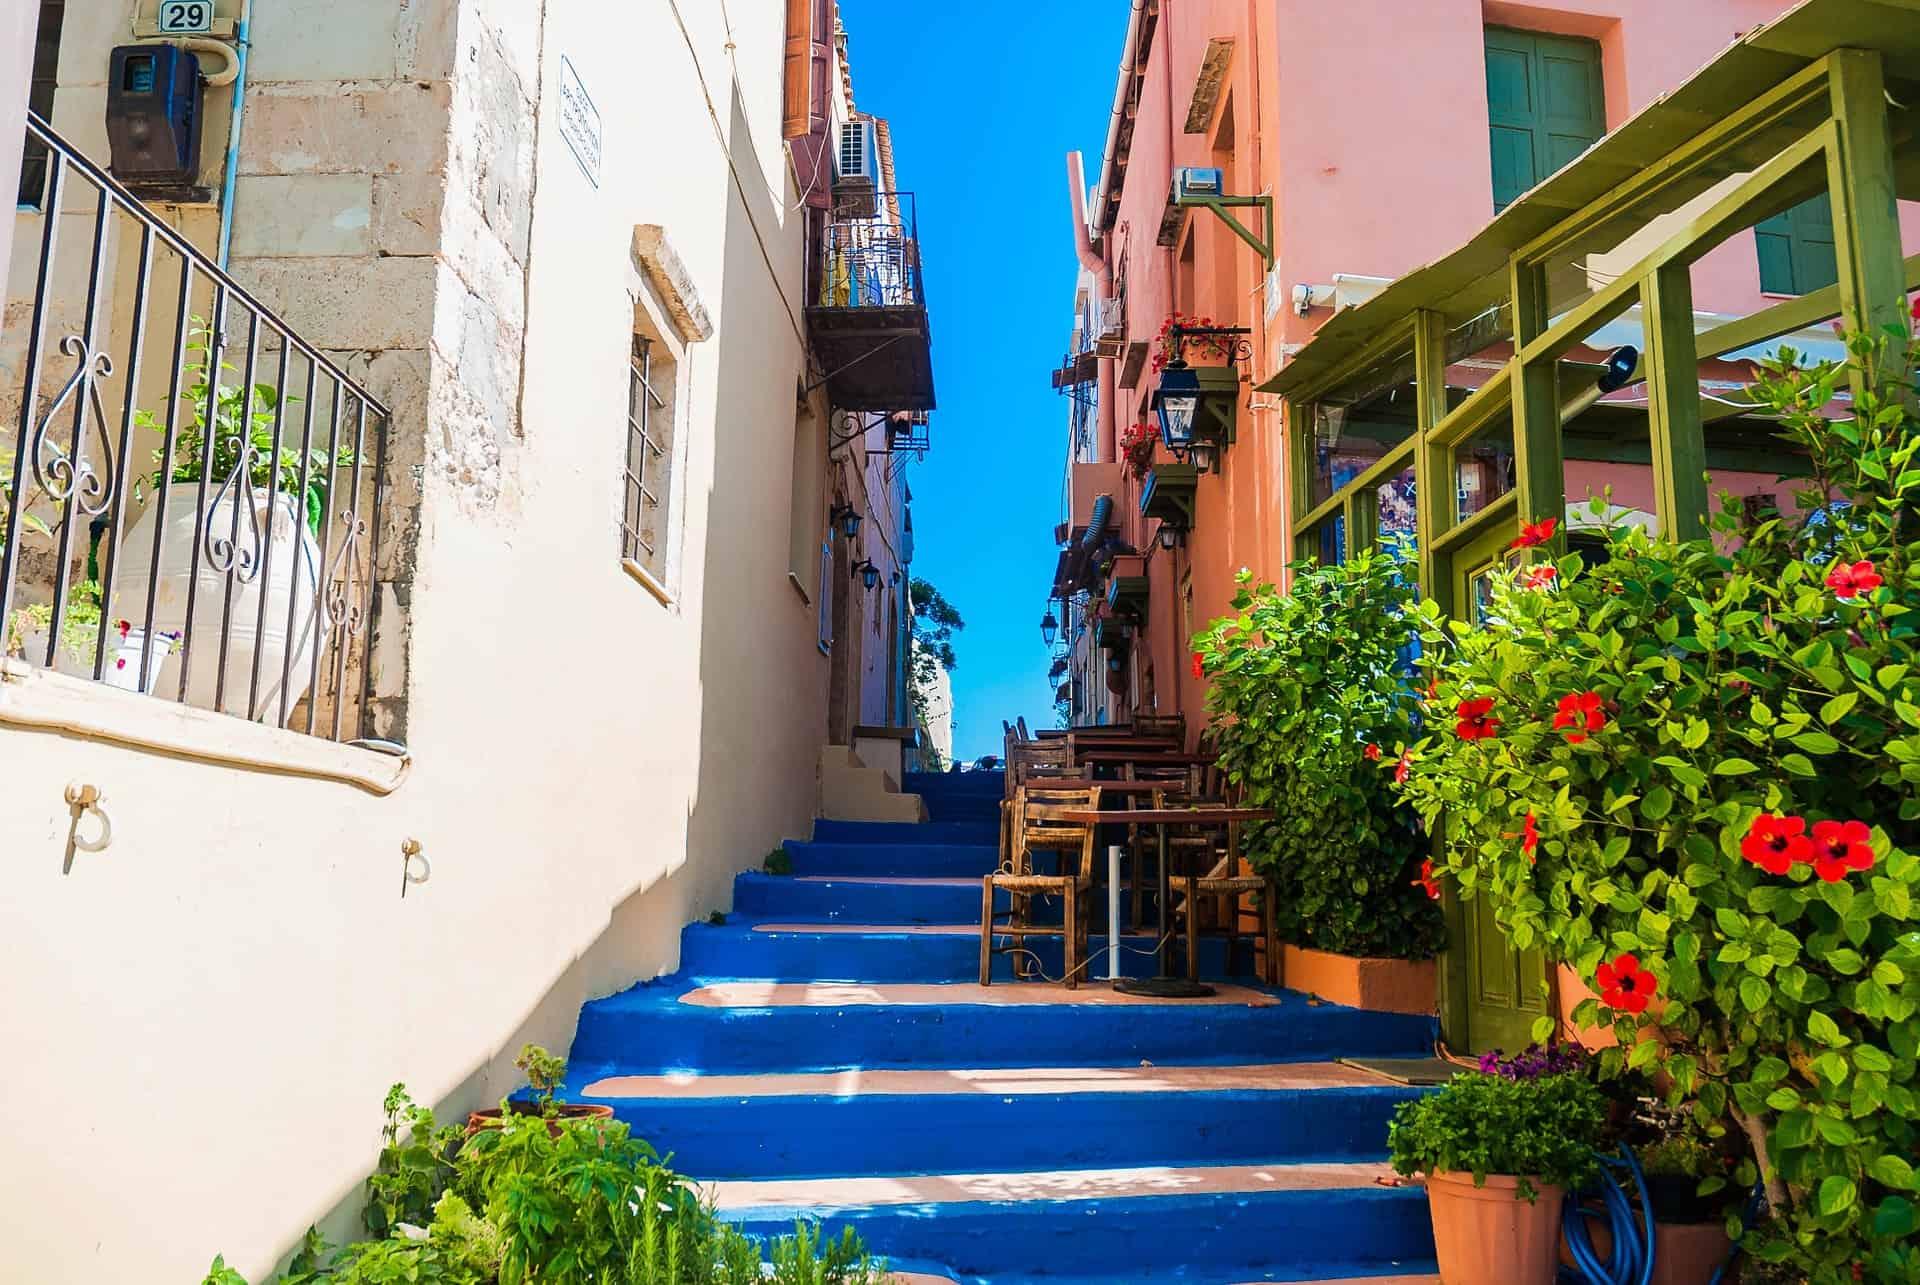 Rethymno Crete Alley Way